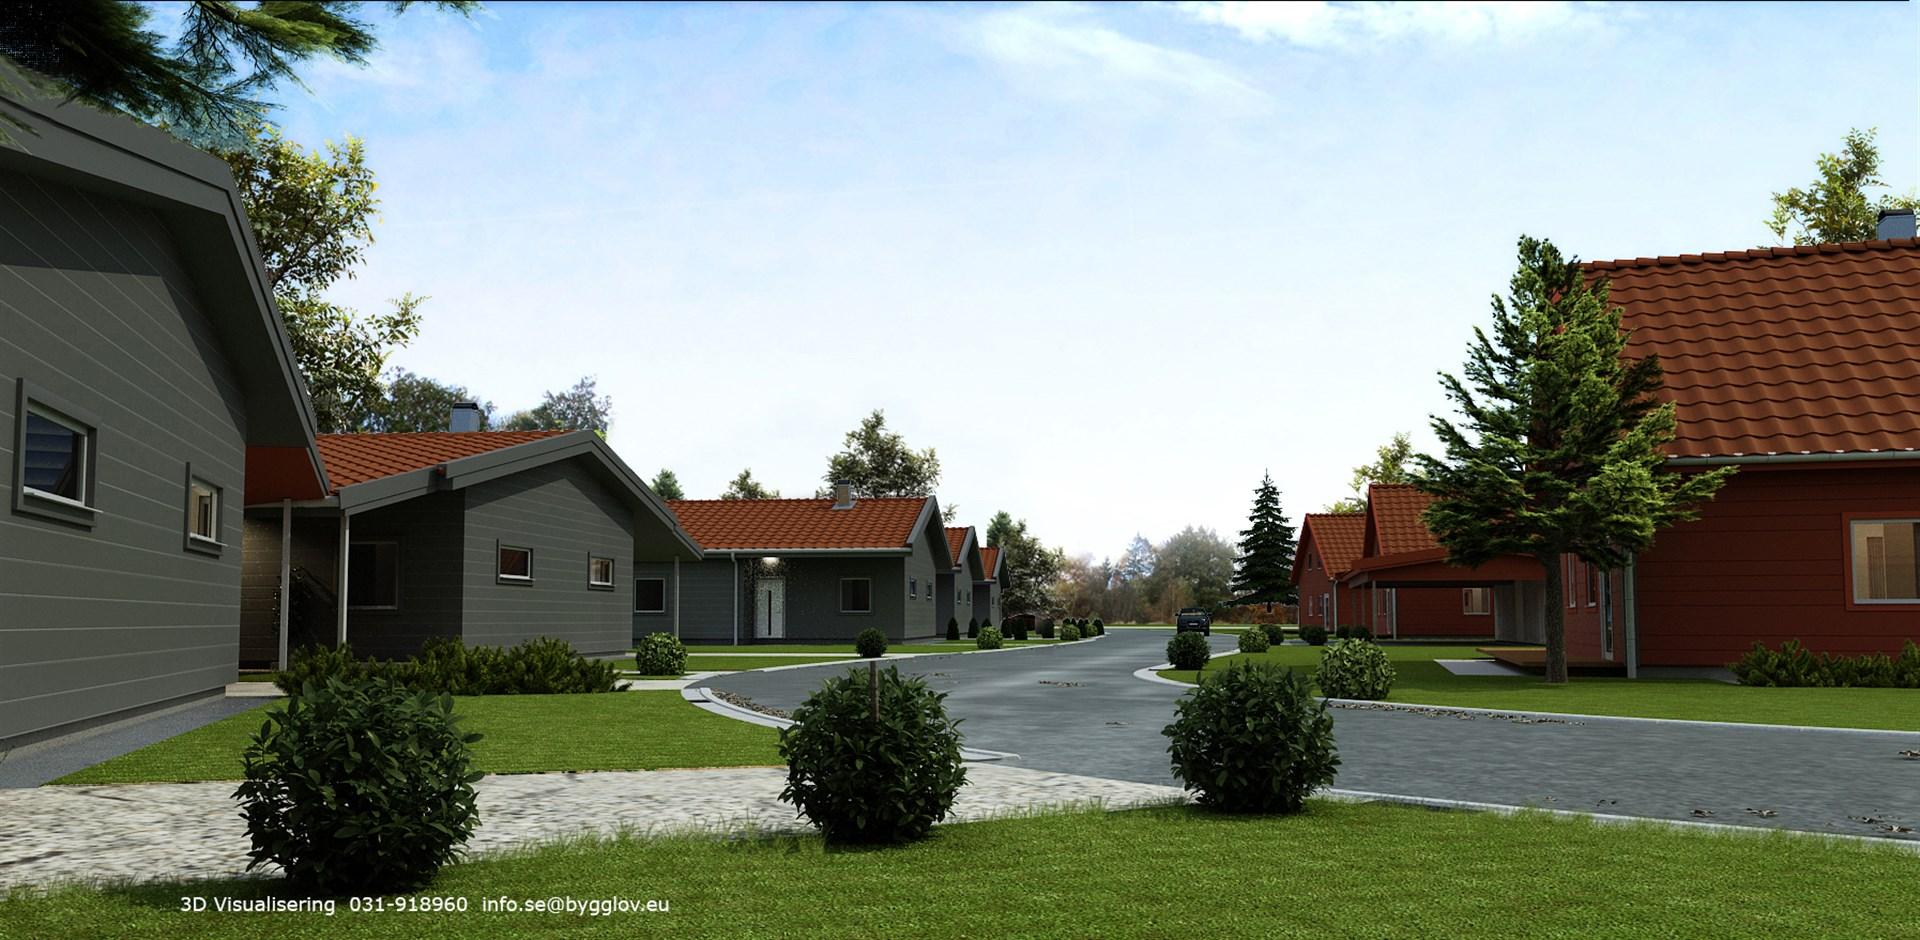 Till höger, Bostadsrätter i gråa parhus på 123m² i sutterrängstil. Till vänster ser vi de röda parhusen med 86m²-lägenheter med oinredd vind.